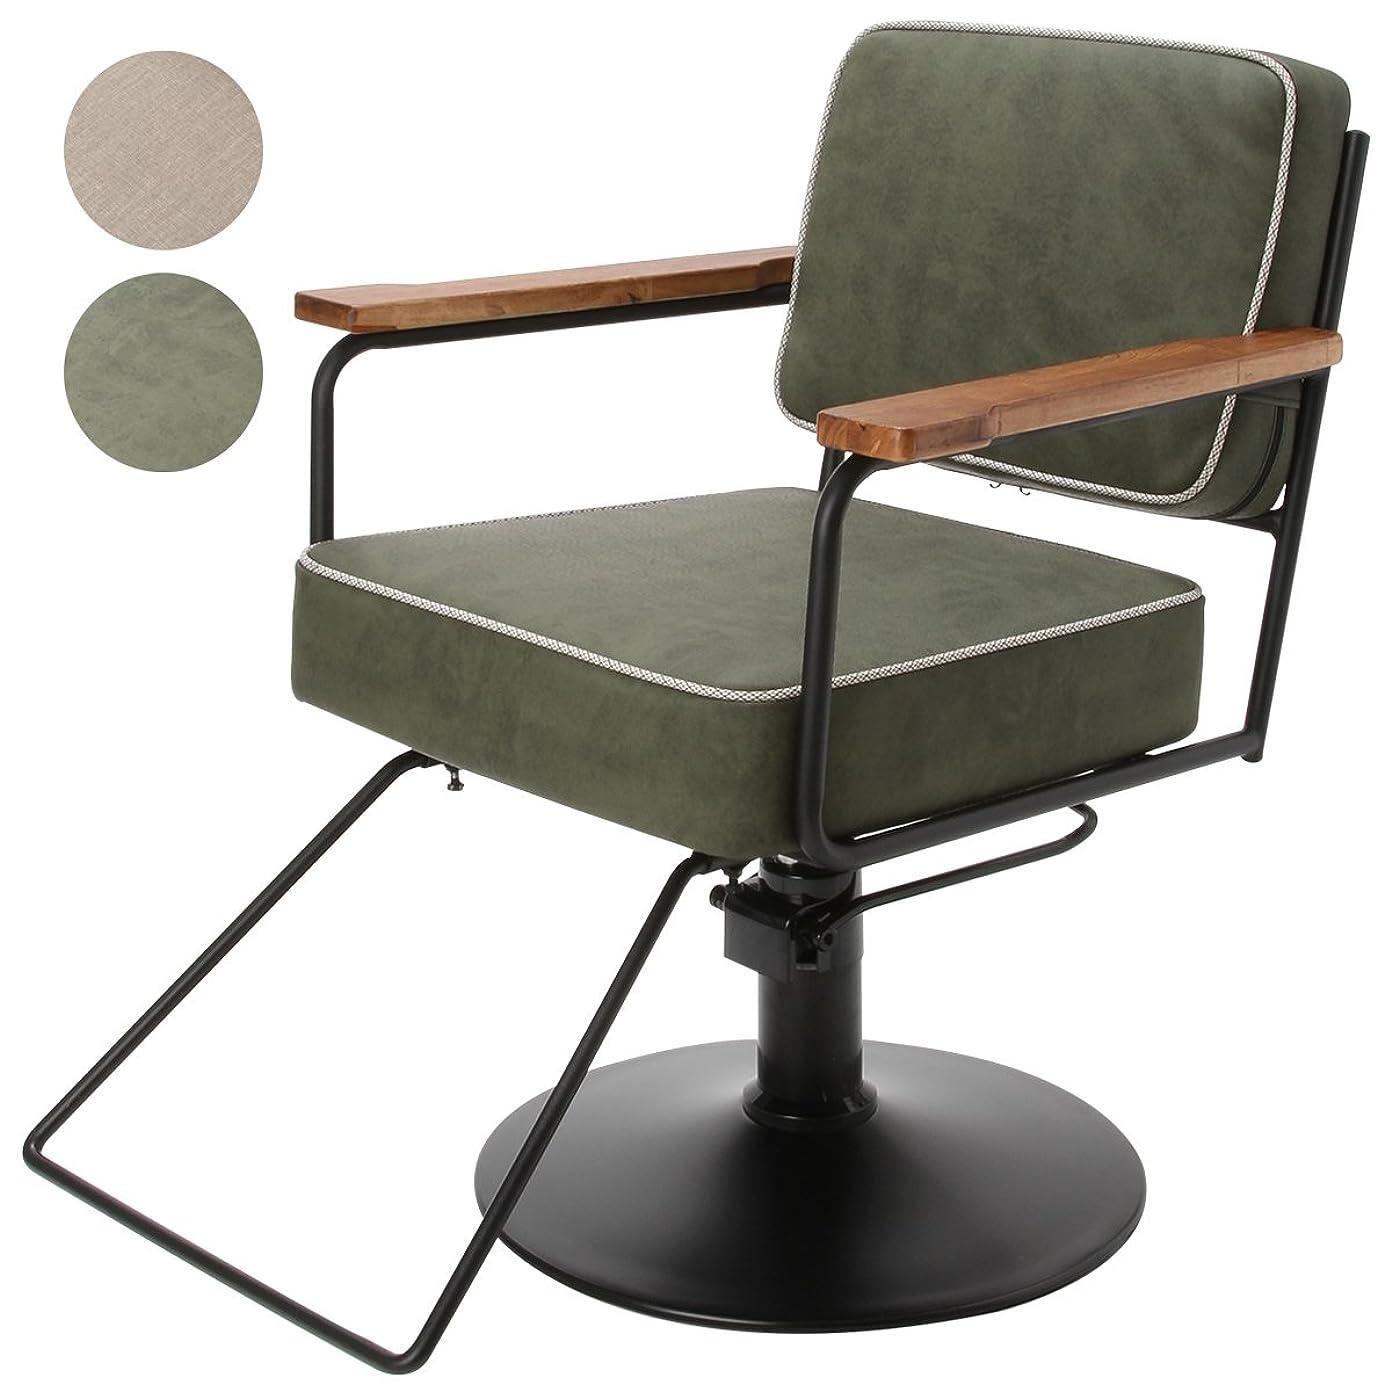 群衆パック転用スタイリングチェア NAPOLI 全2色 グリーン [ スタイリングチェア チェア 椅子 イス セットチェア セット椅子 セットイス カットチェア カット椅子 カットイス 美容室椅子 美容室 美容師 ]